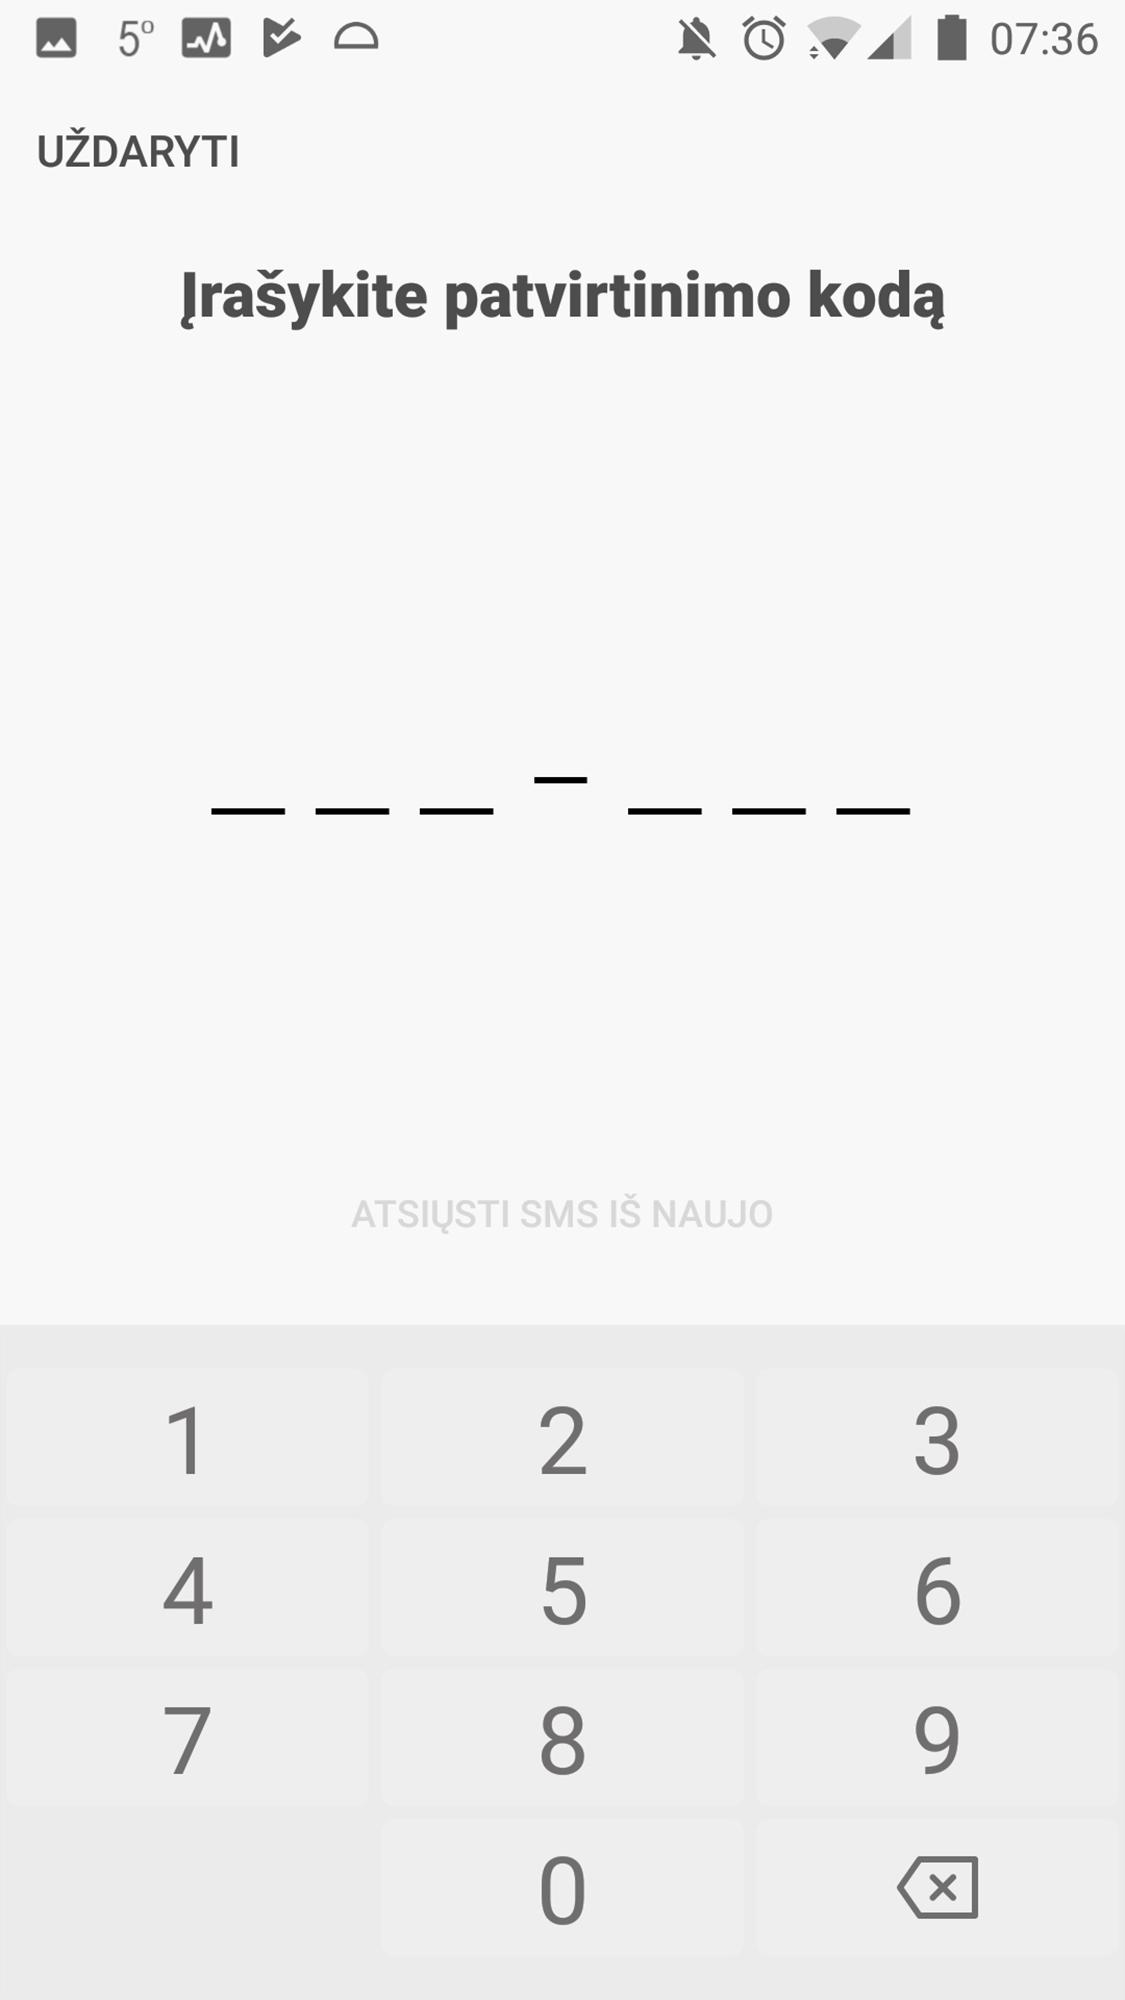 https://www.citadele.lt/files/instrukcijos/mobilescan_10.jpg